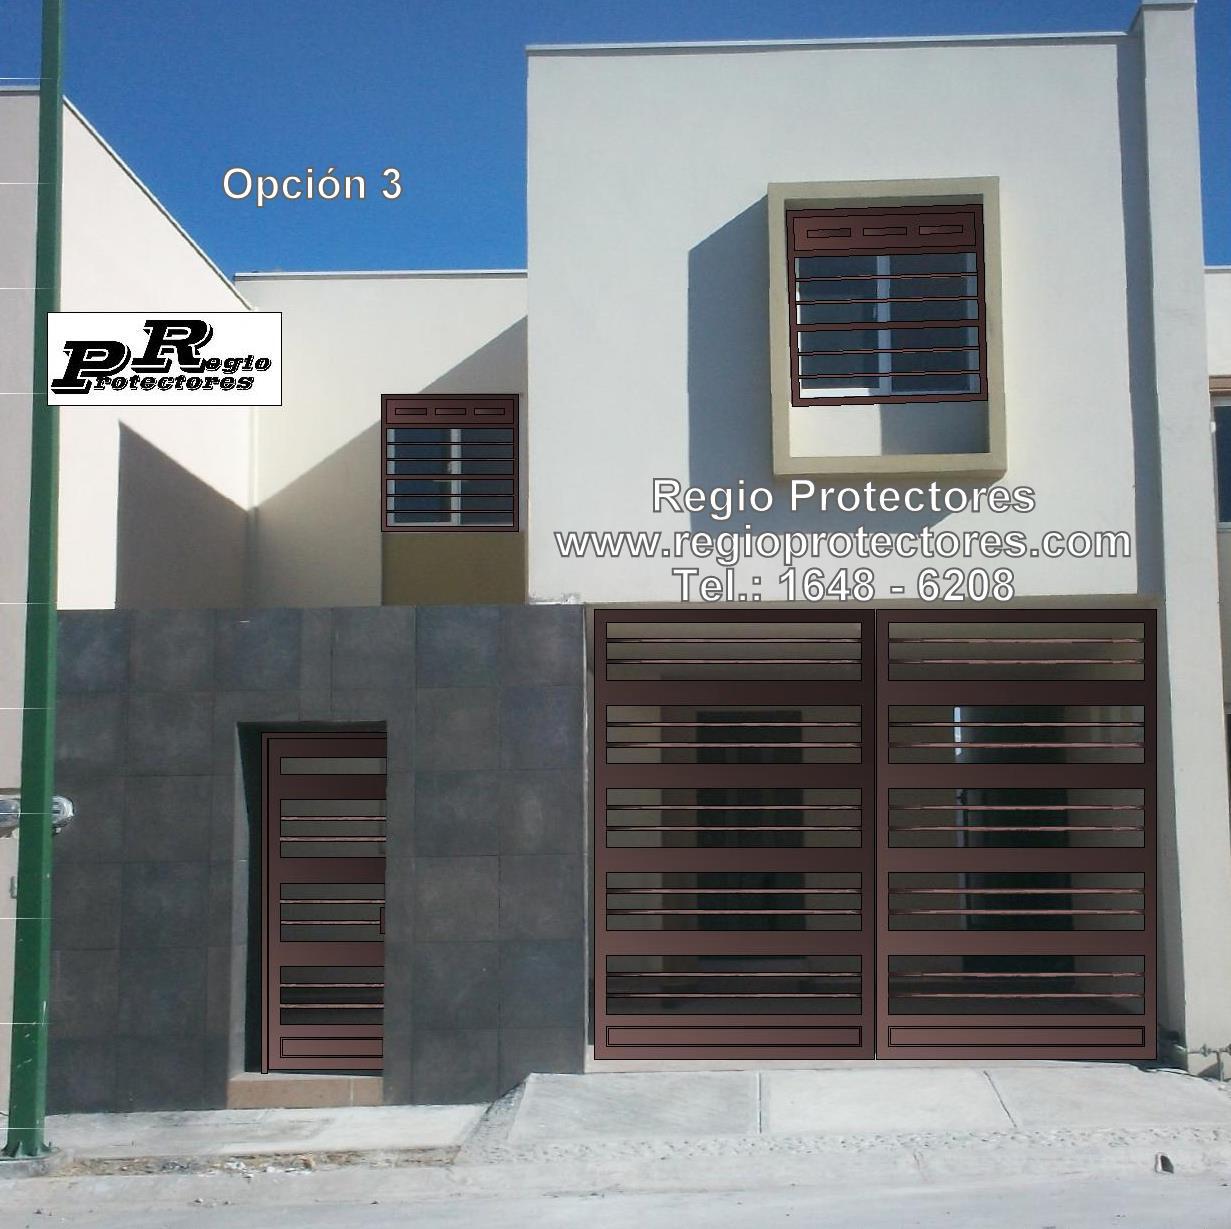 Disenos Puertas Frente Casa 25: Regio Protectores: Foto Montaje, Protectores Para Ventana